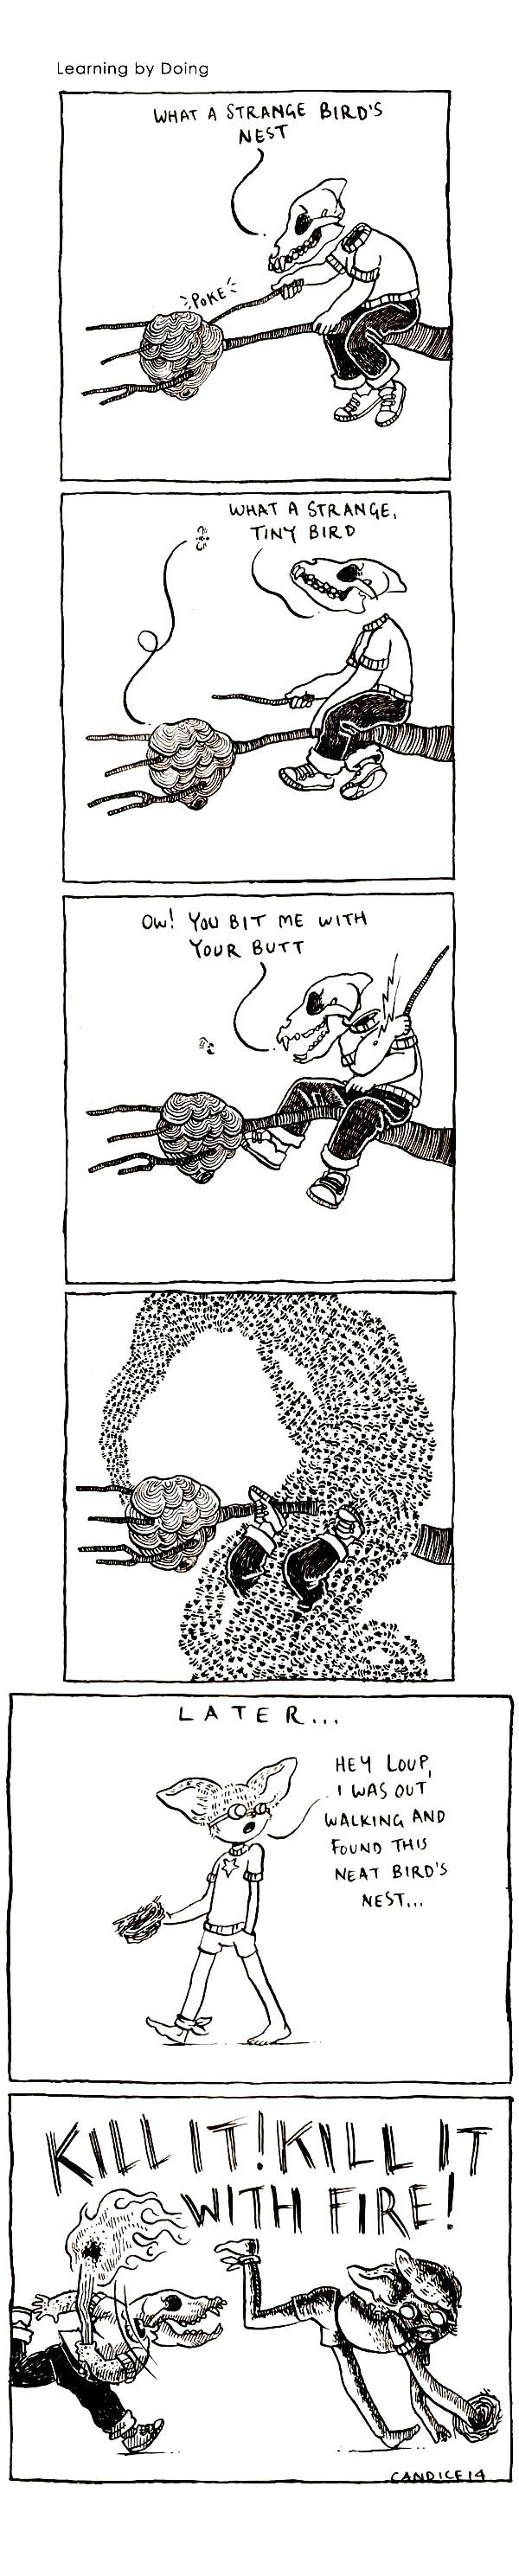 1_9.jpg